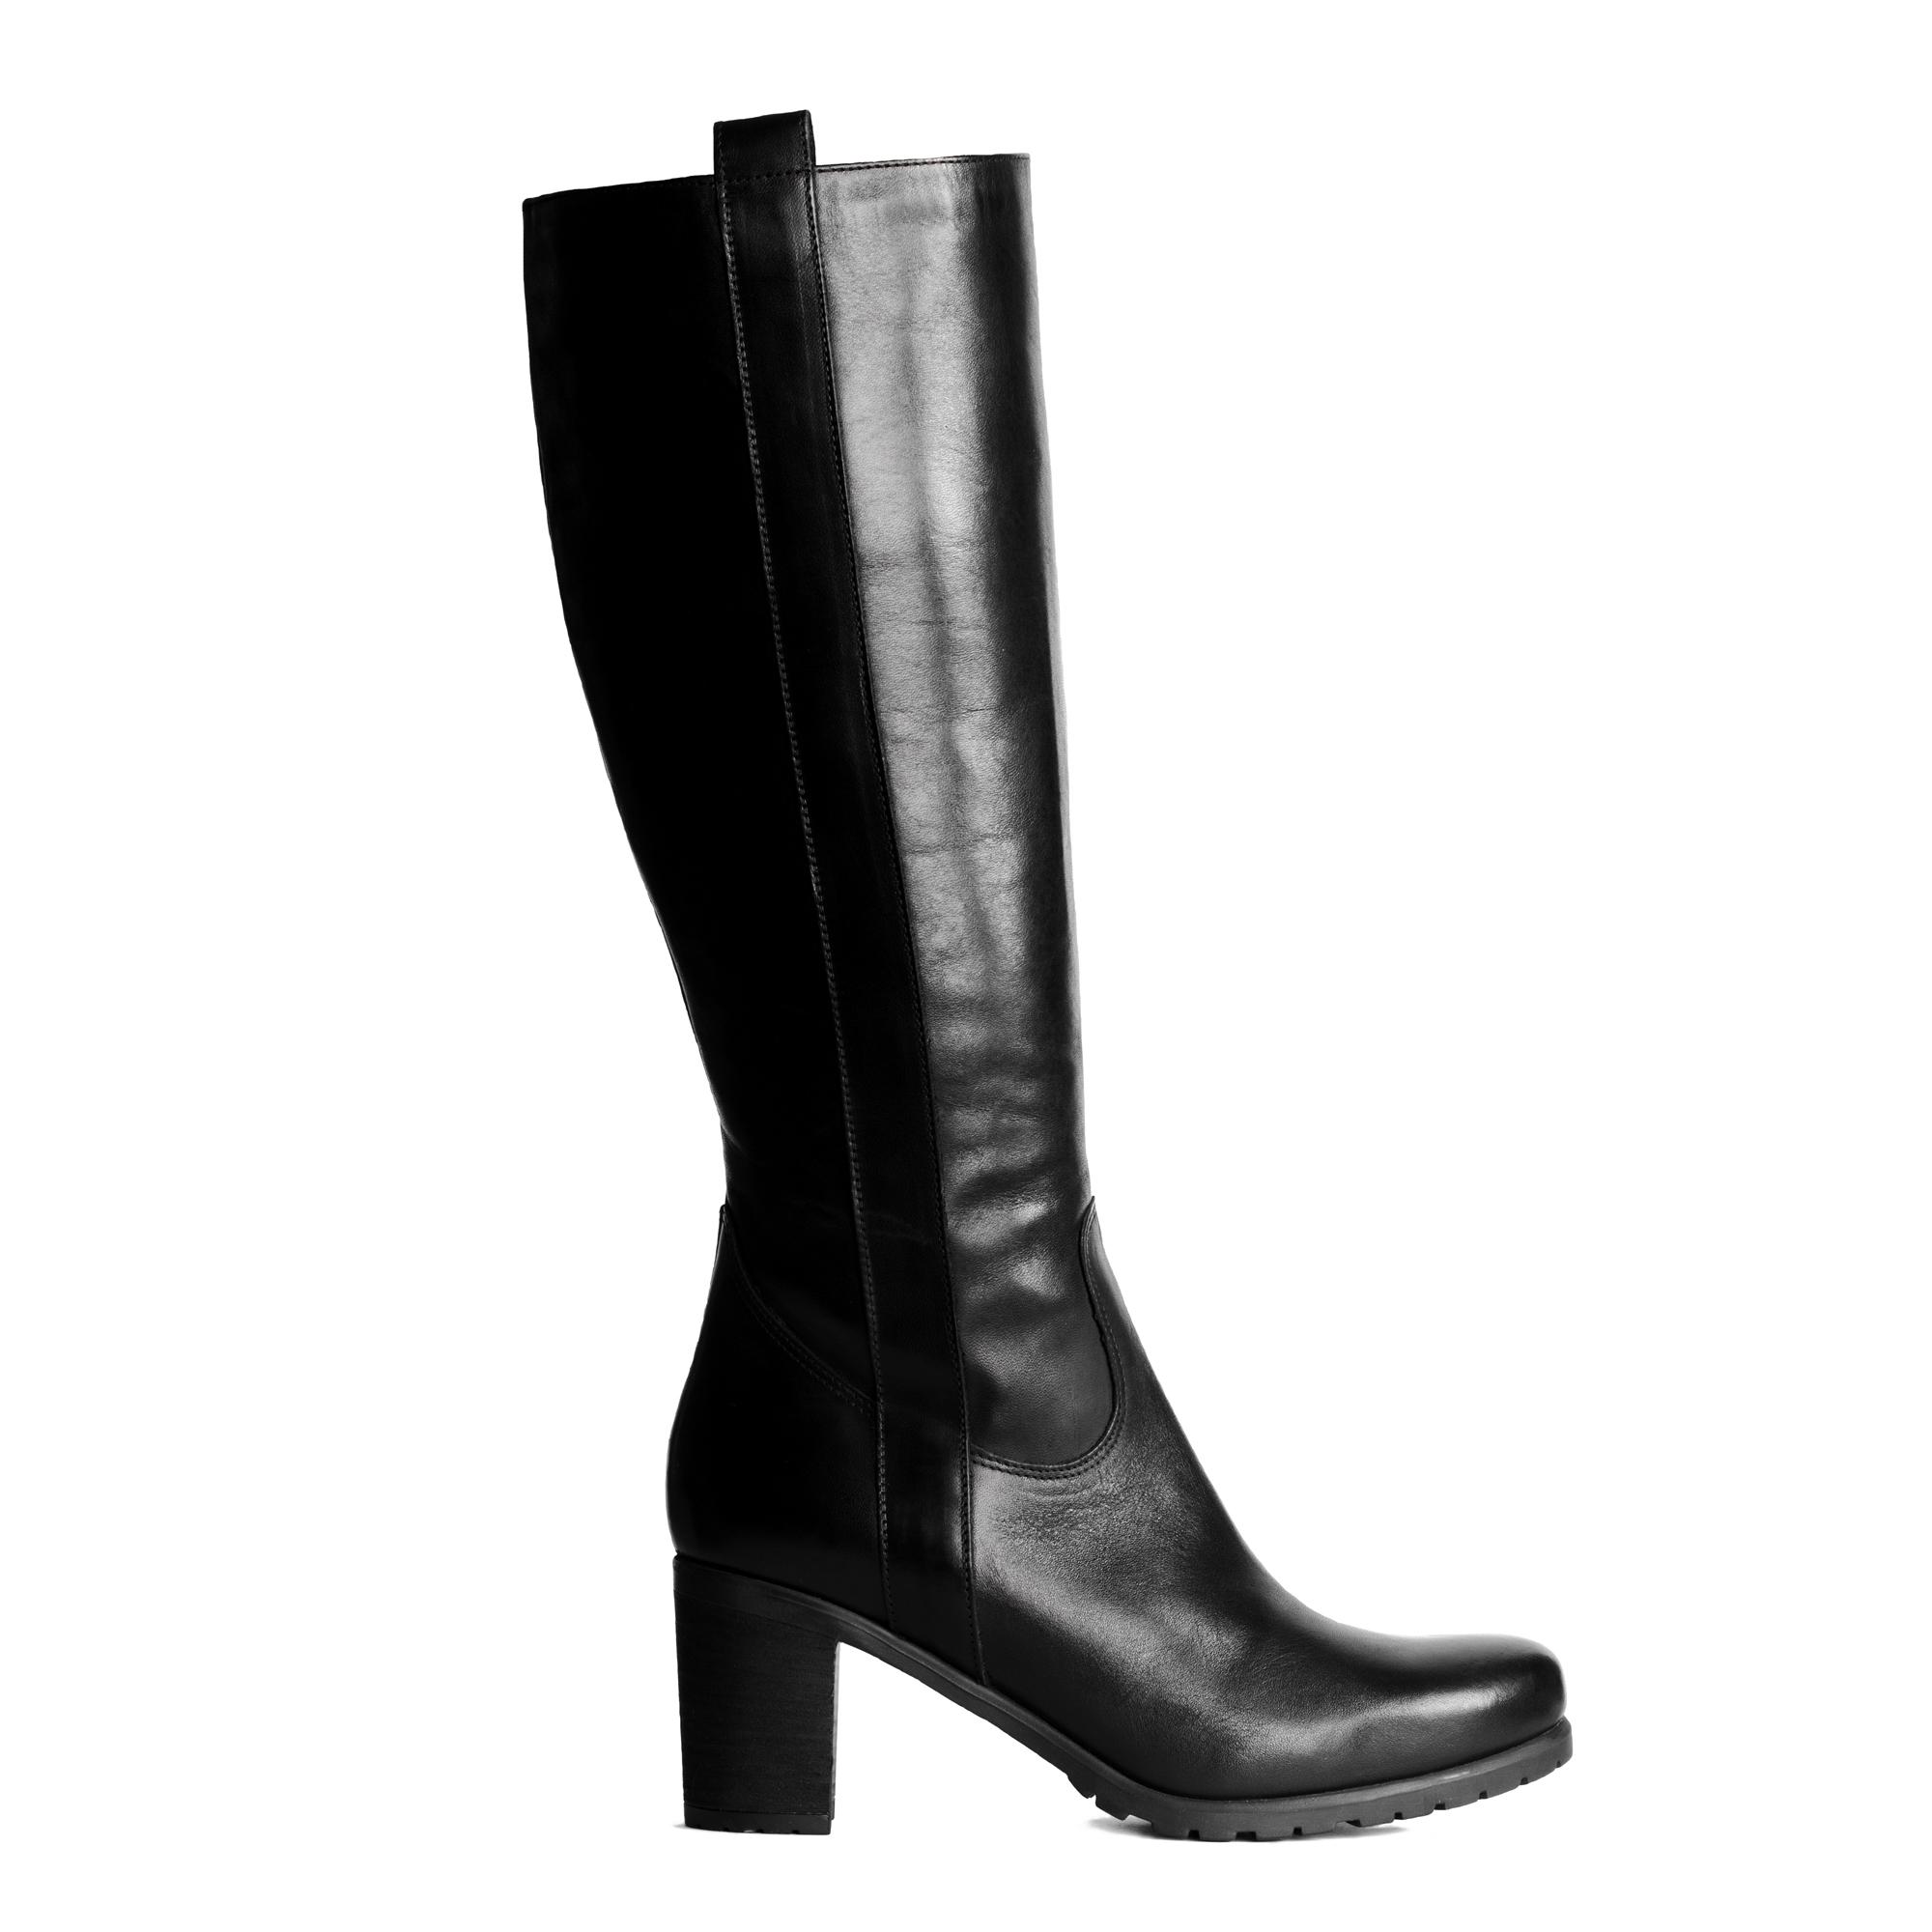 Кожаные сапоги черного цвета на среднем широком каблукеСапоги женские<br><br>Материал верха: Кожа<br>Материал подкладки: Евромех<br>Материал подошвы: Полиуретан<br>Цвет: Черный<br>Высота каблука: 8см<br>Дизайн: Италия<br>Страна производства: Китай<br><br>Высота каблука: 8 см<br>Материал верха: Кожа<br>Материал подкладки: Евромех<br>Цвет: Черный<br>Пол: Женский<br>Вес кг: 2.10000000<br>Размер: 41